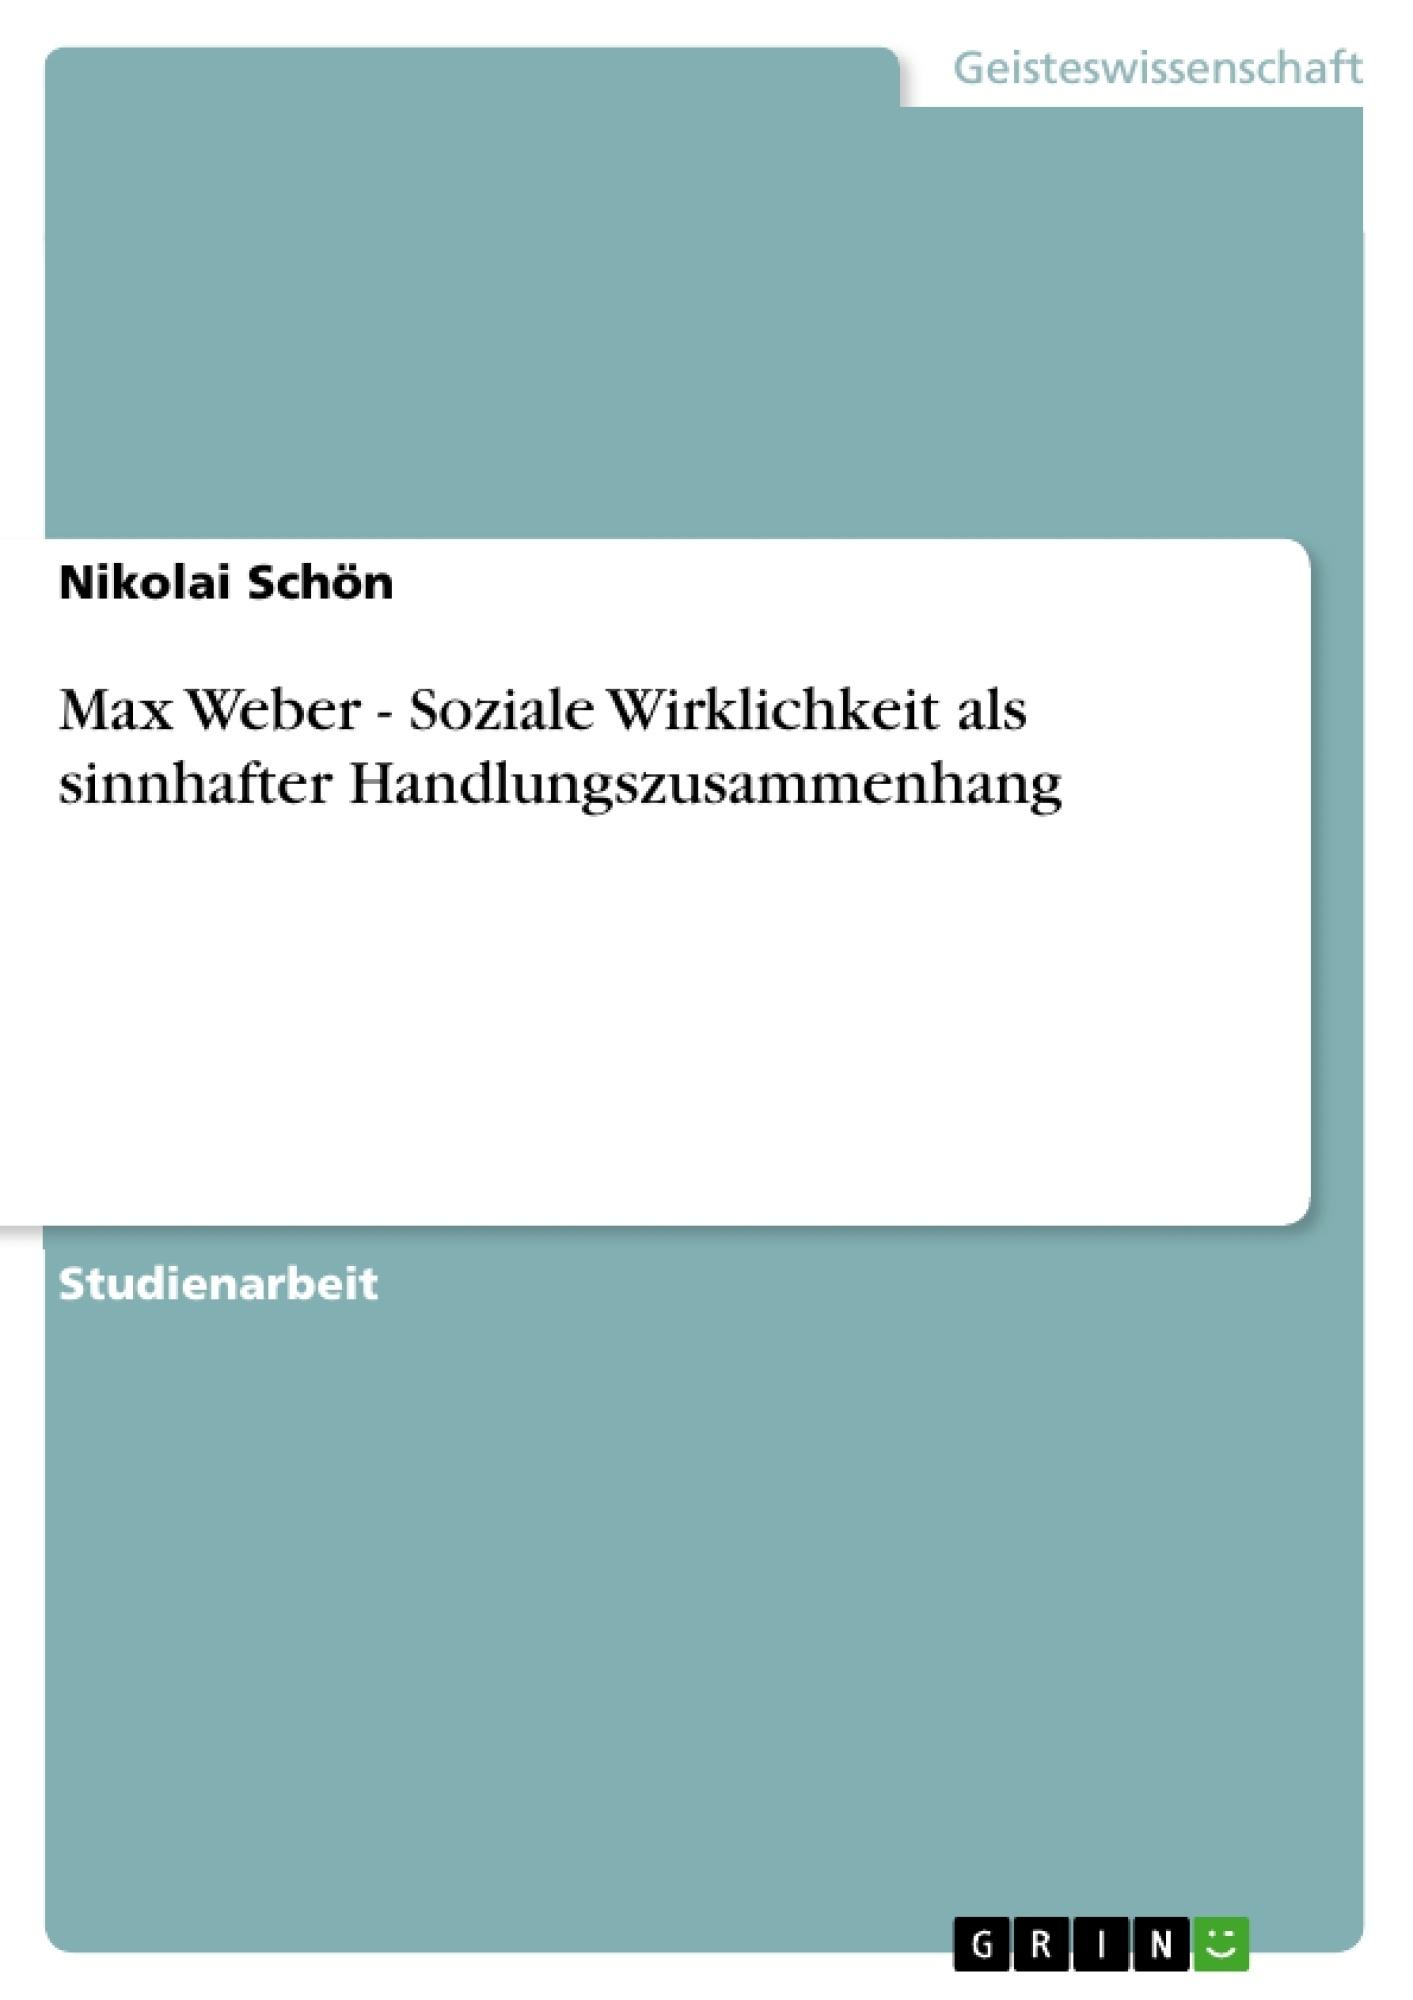 Titel: Max Weber - Soziale Wirklichkeit als sinnhafter Handlungszusammenhang